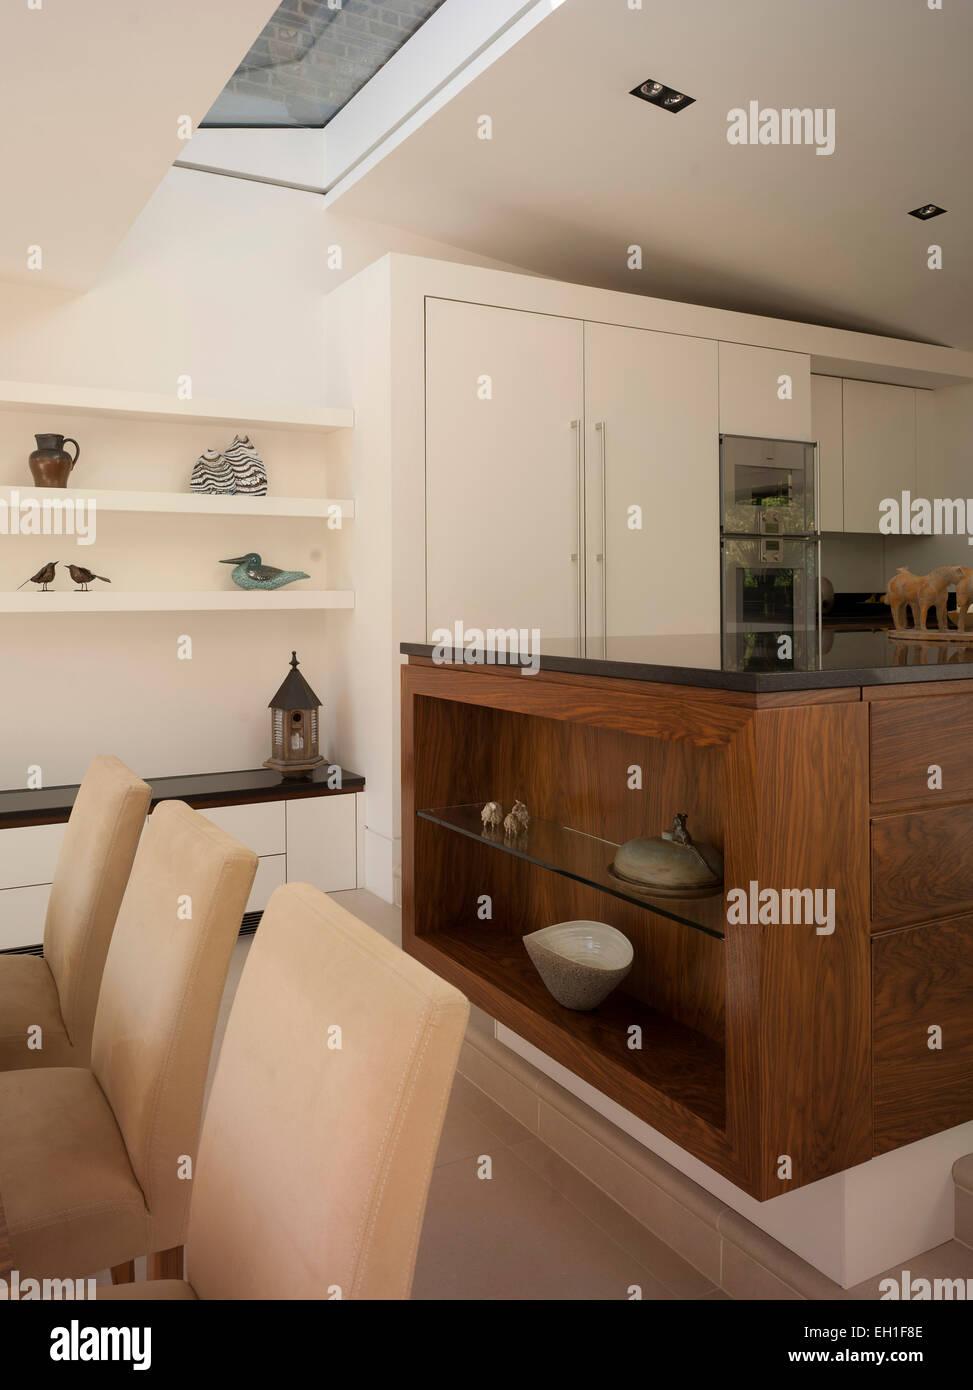 Perfecto Muebles De Cocina Vendimia Reino Unido Embellecimiento ...